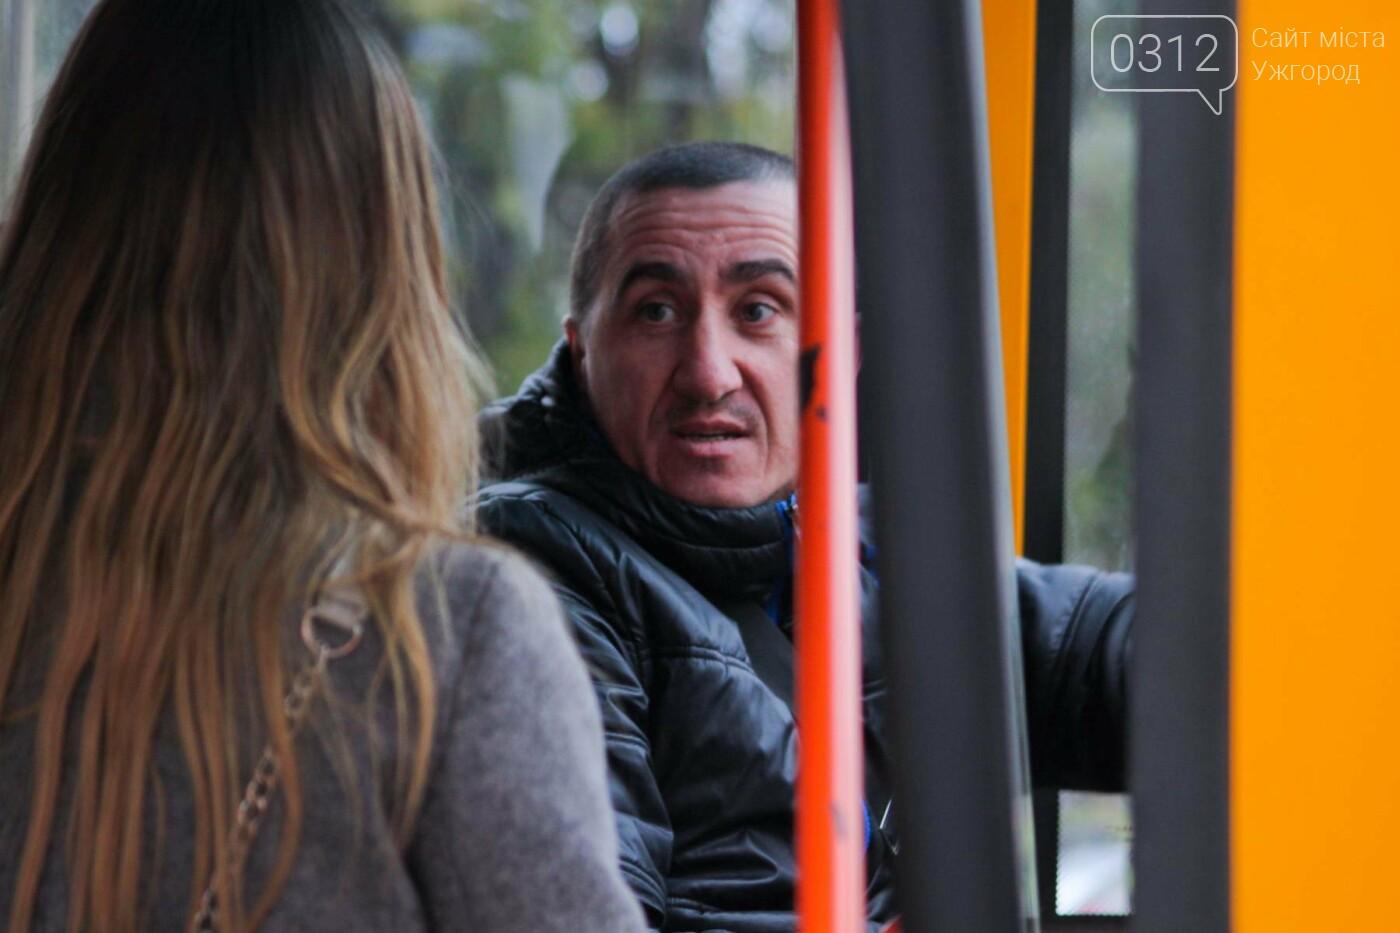 Водії ужгородських «маршруток» розповіли, чому не впускають школярів без учнівського квитка: фоторепортаж , фото-2